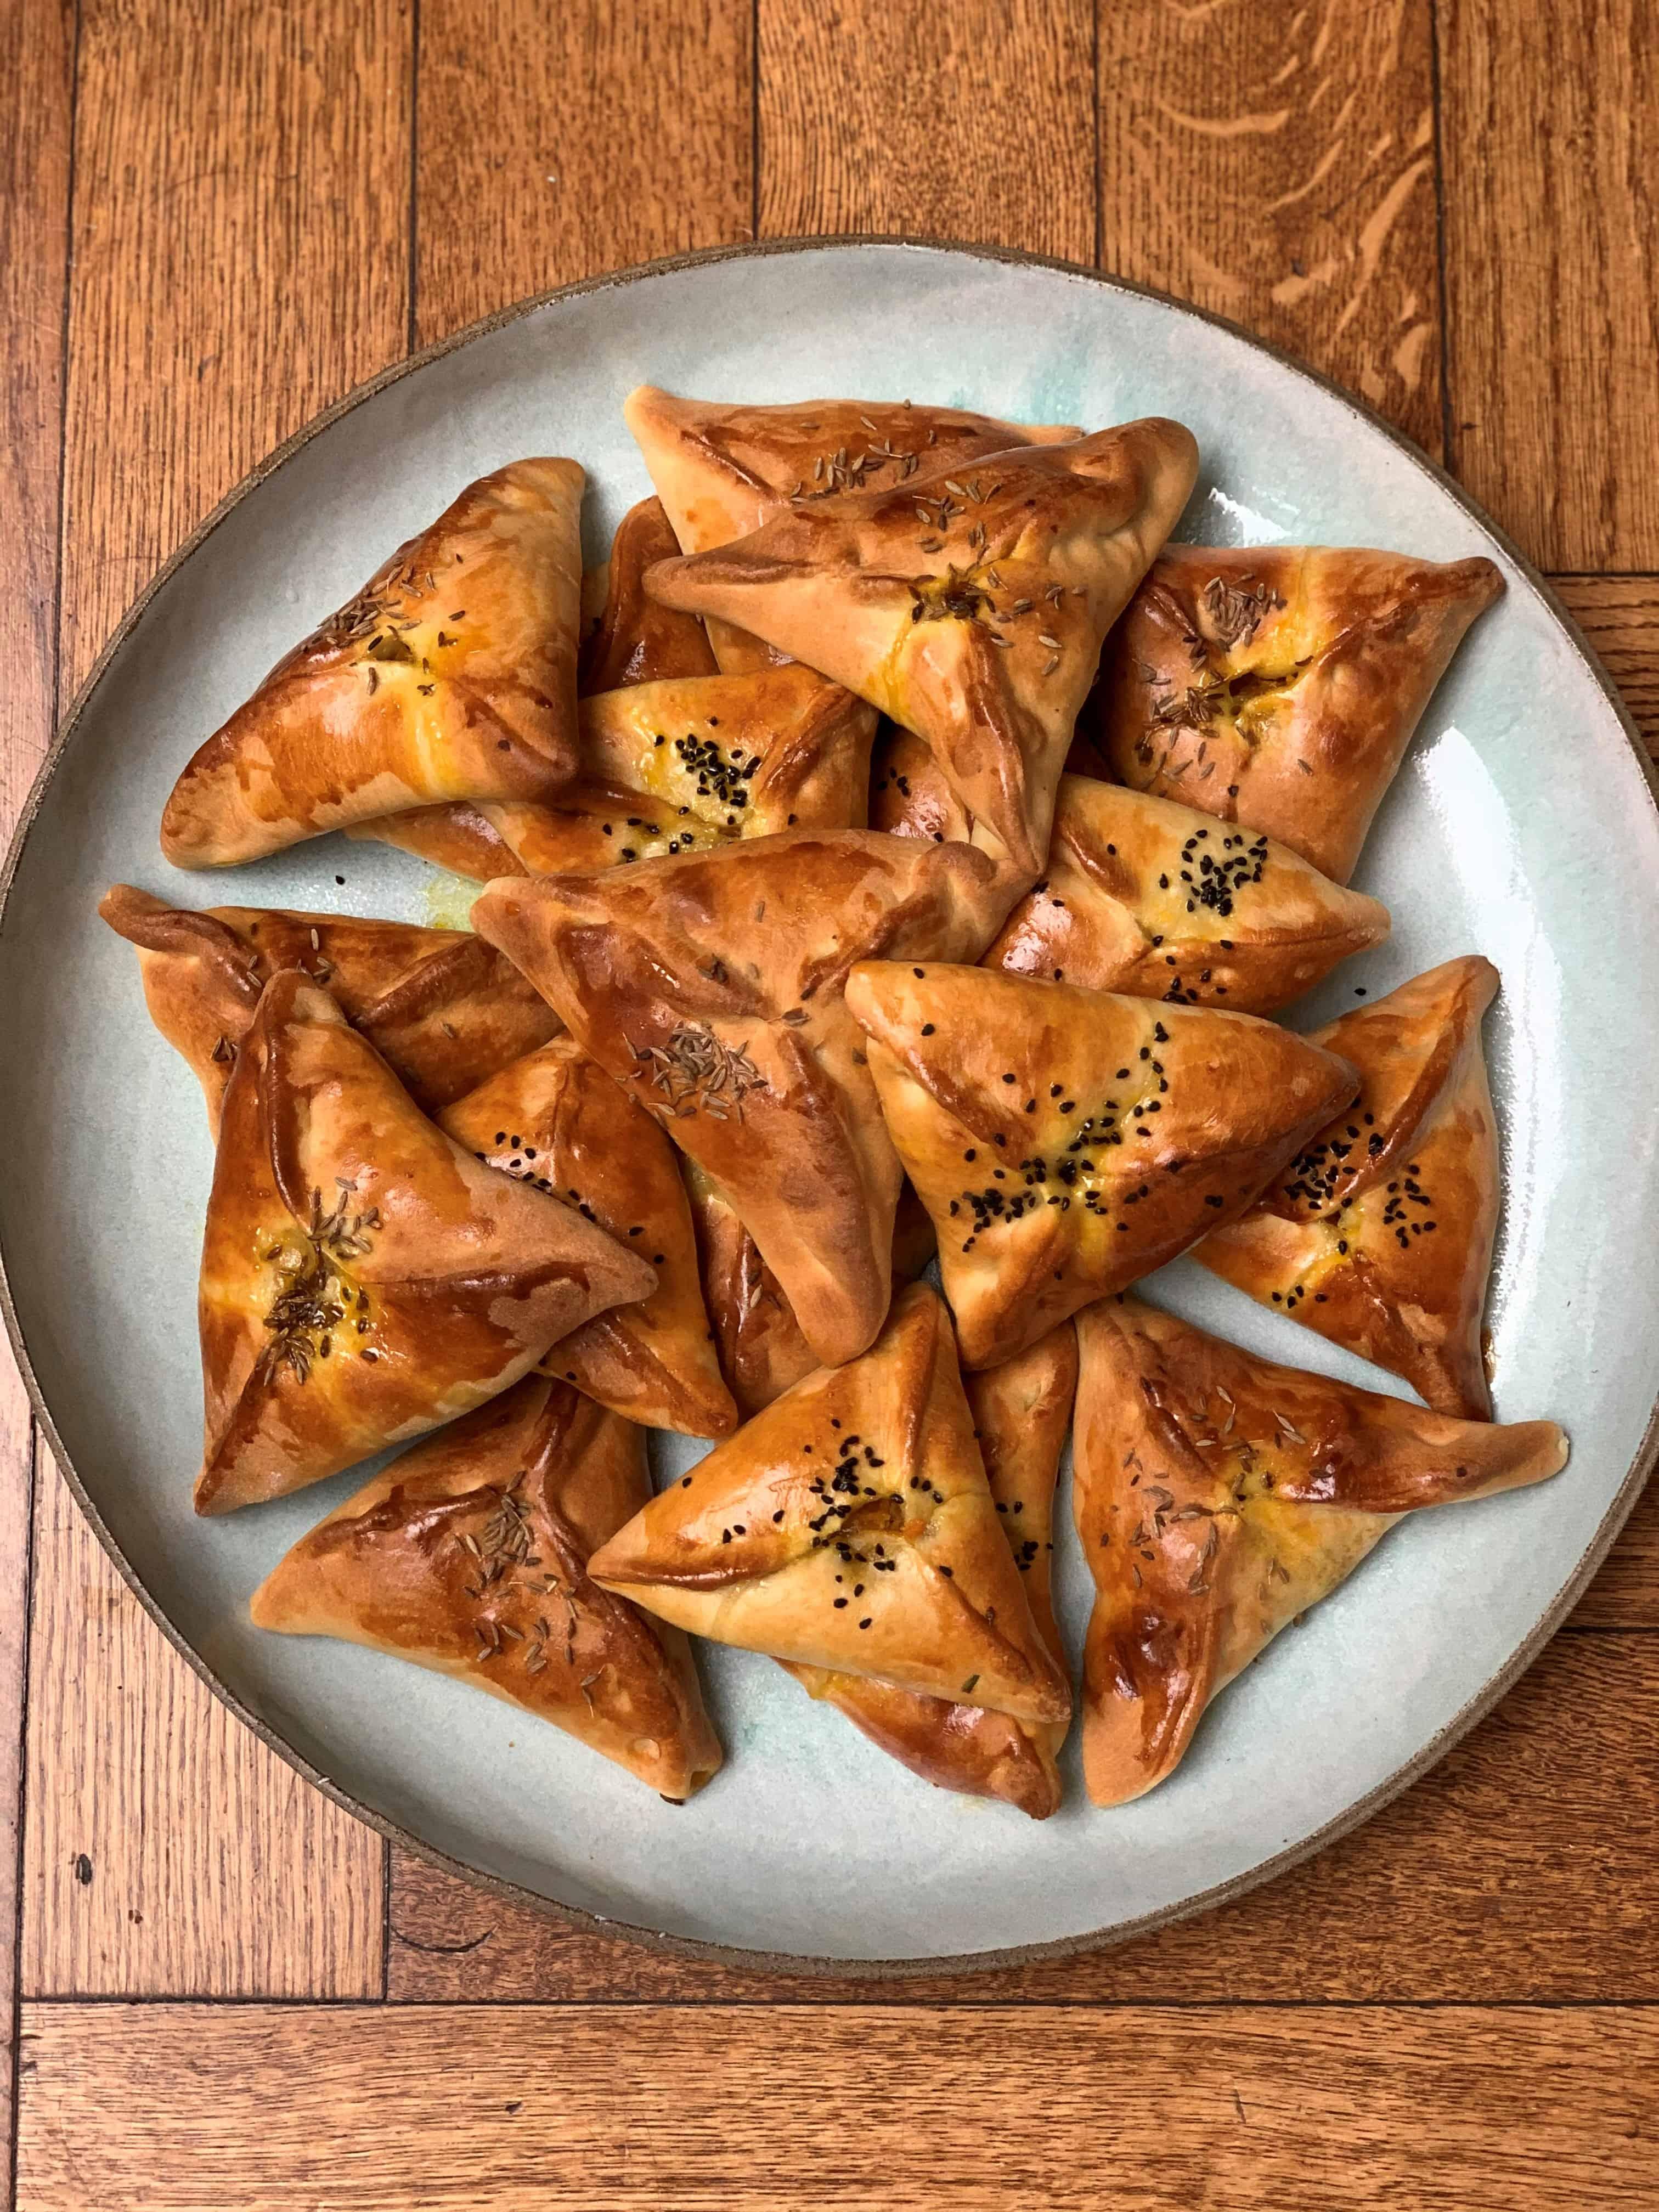 מאפים בוכריים – ביצ'ק טבעוני אפוי, בליצ'י מטוגן ממולא בריבת בצל